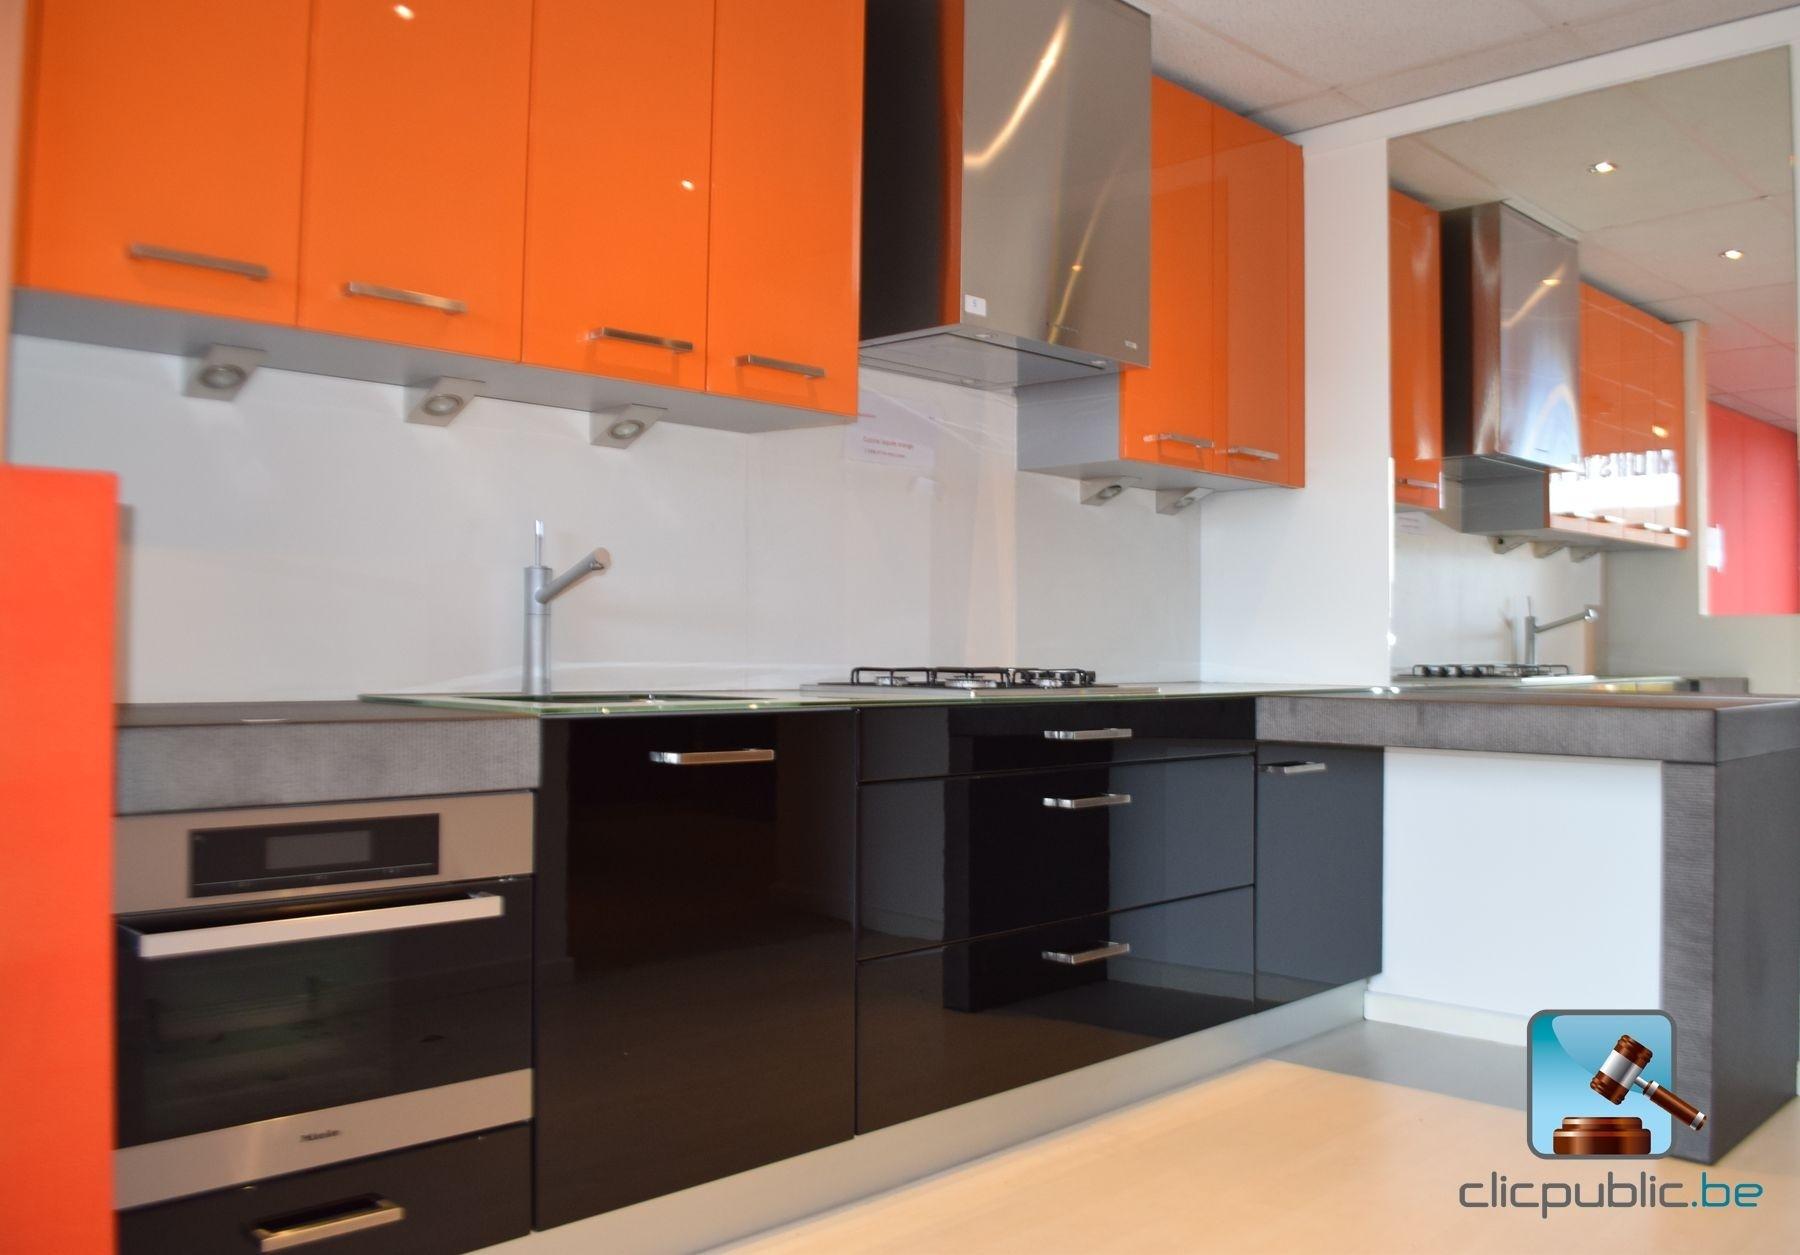 Keuken orange et noir plan de travail topglass 10mm et cosmostone 100mm ref 5 te koop op - Keuken meuble noir ...